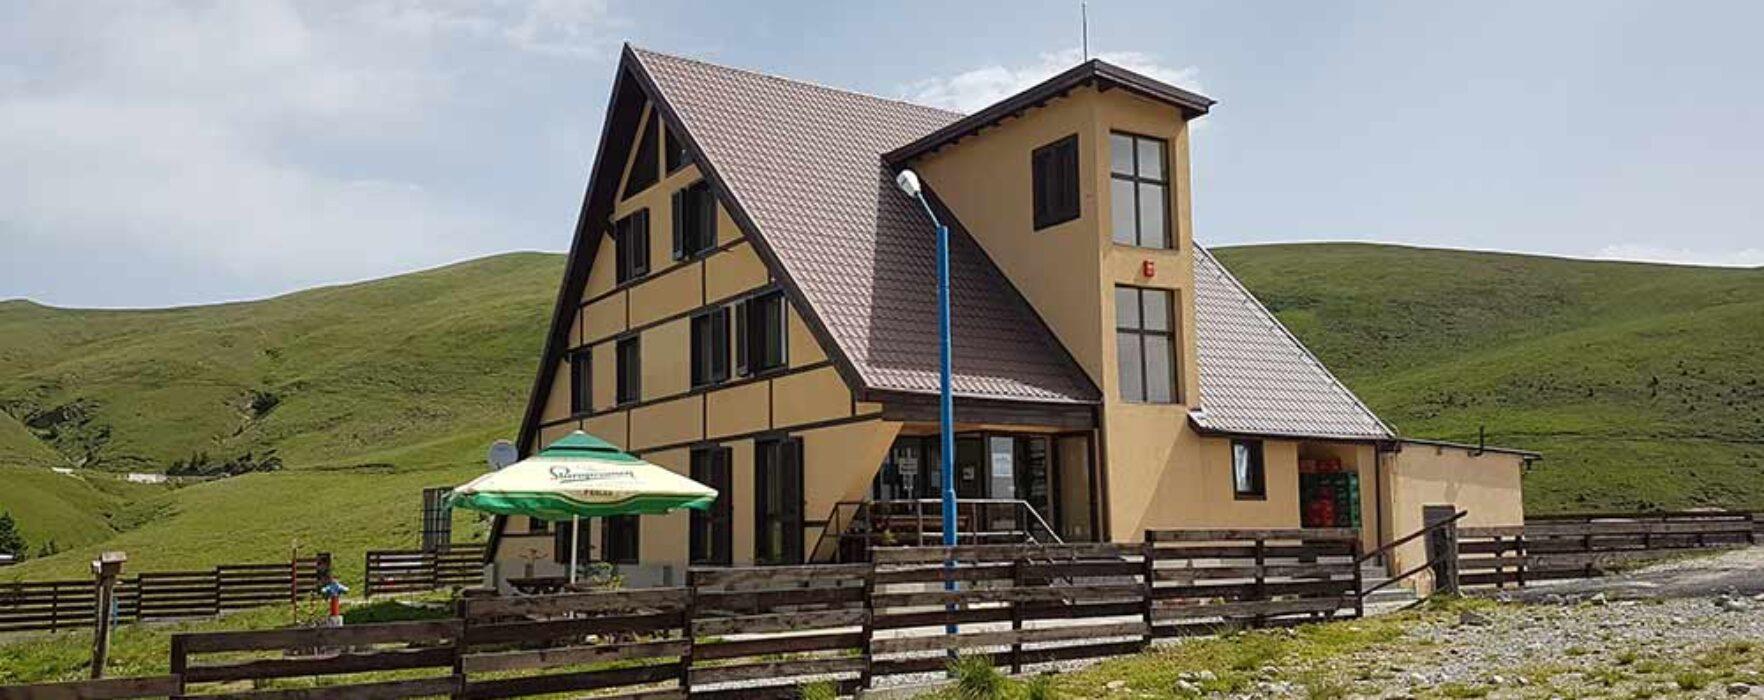 Invitație la drumeție în Munții Bucegi – Cabana Dichiu